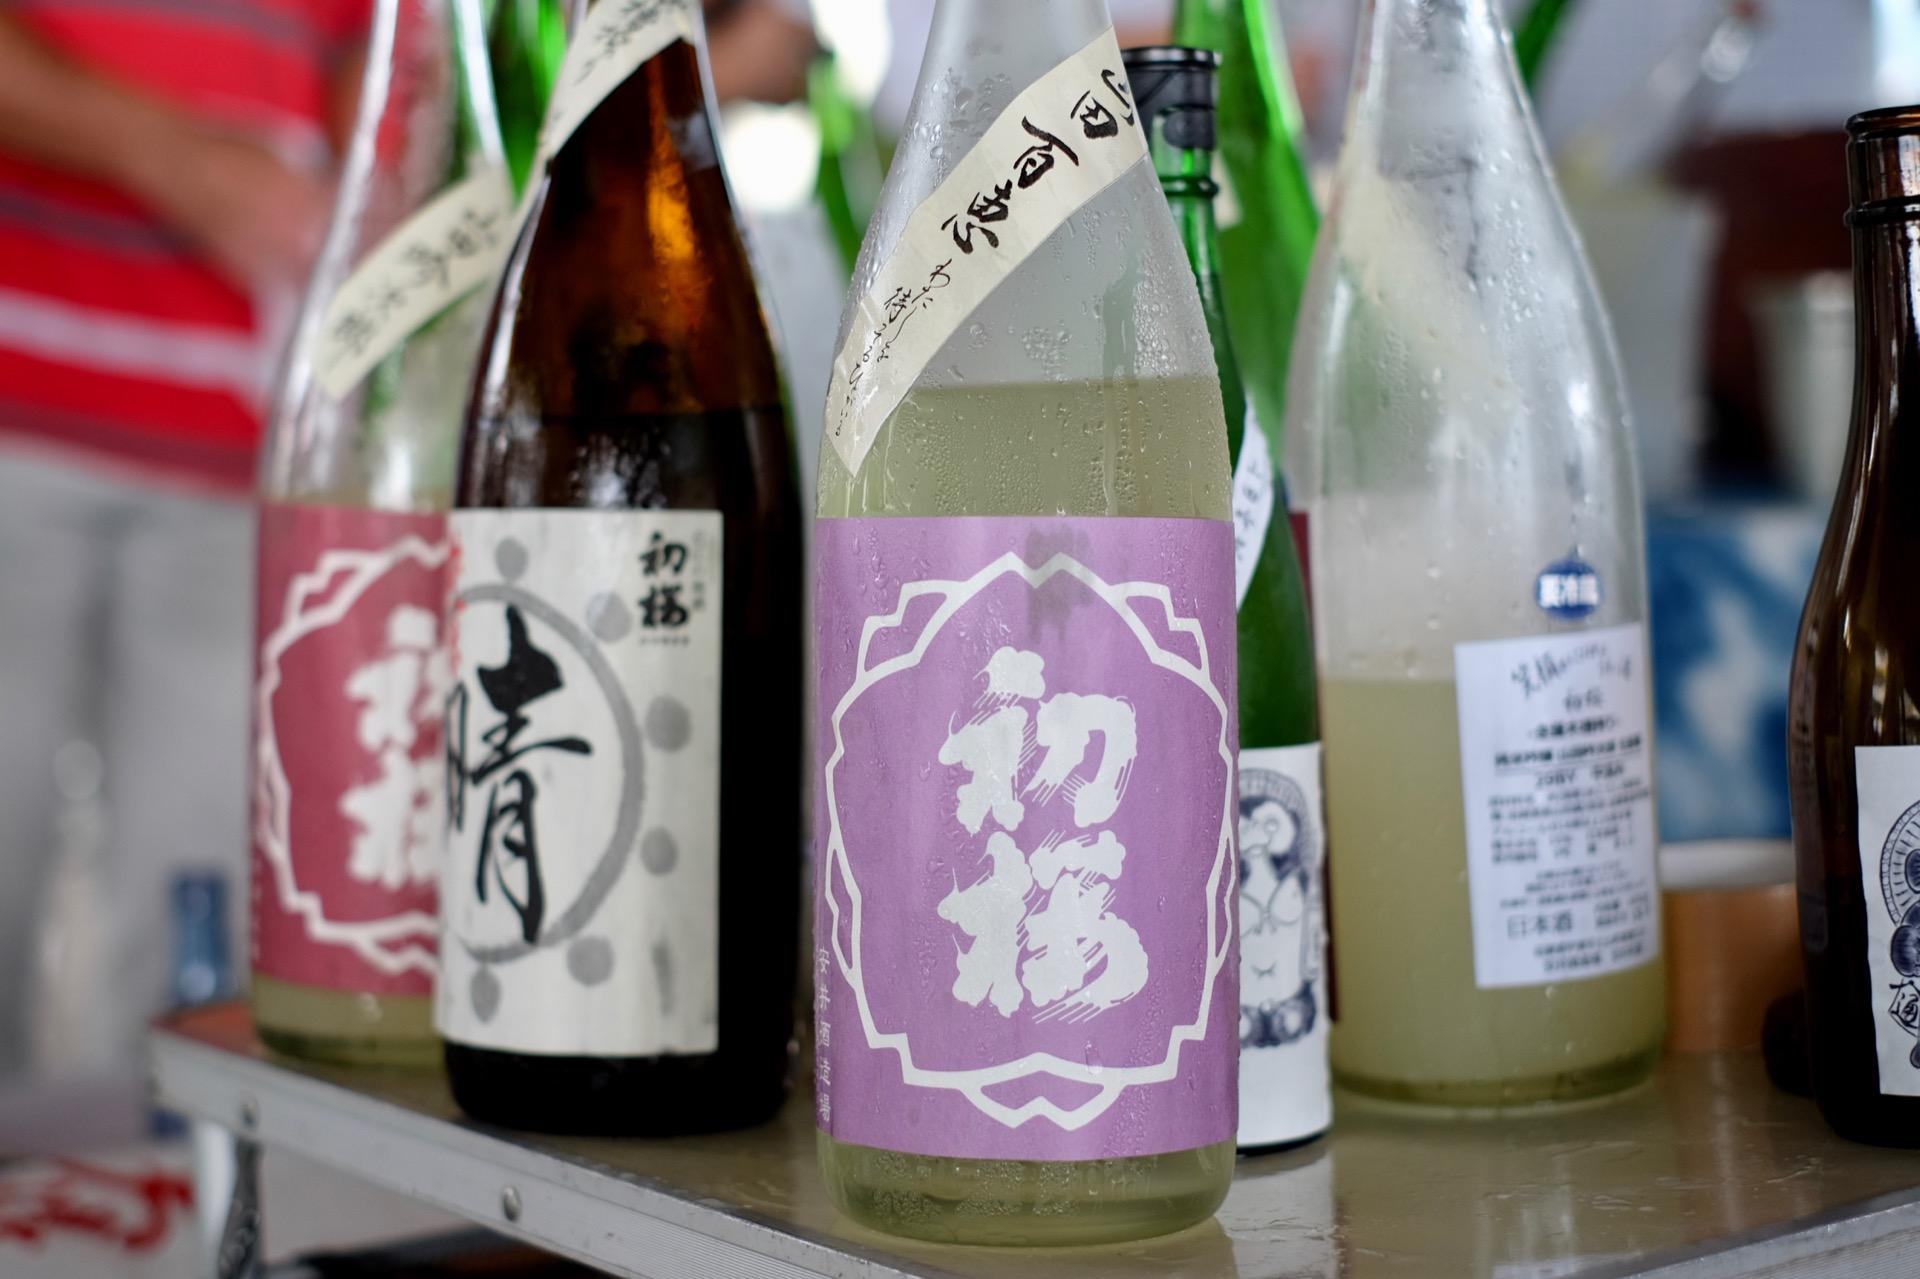 初桜 純米吟醸 山田百恵 29BY を浜大津こだわり朝市で|日本酒テイスティングノート